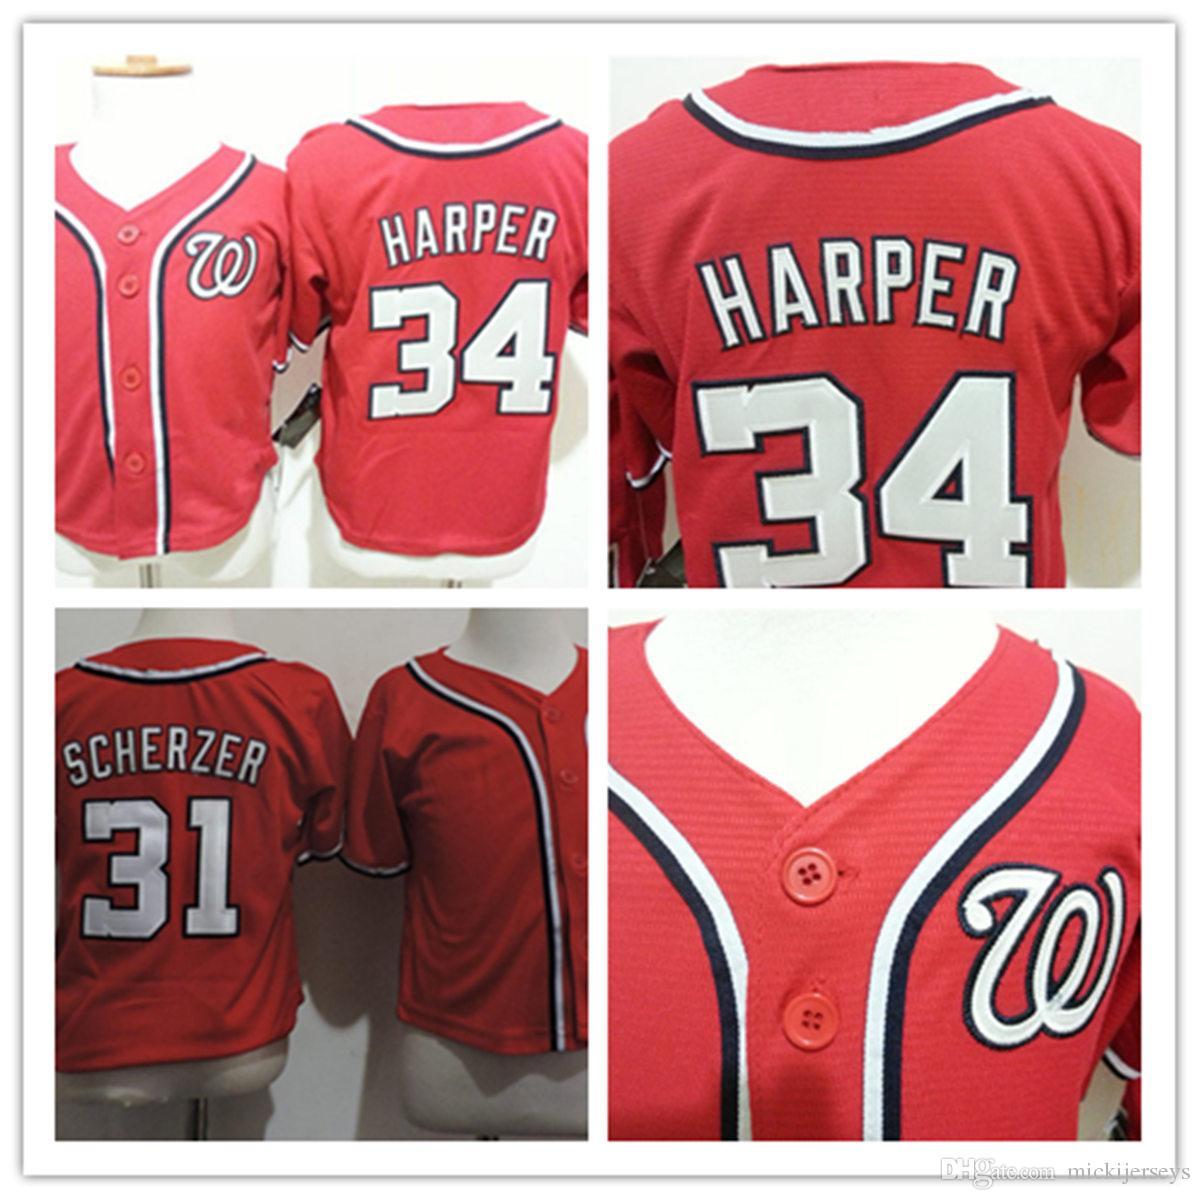 online retailer bdeca bf55e best bryce harper red jersey 9d672 7d4a1